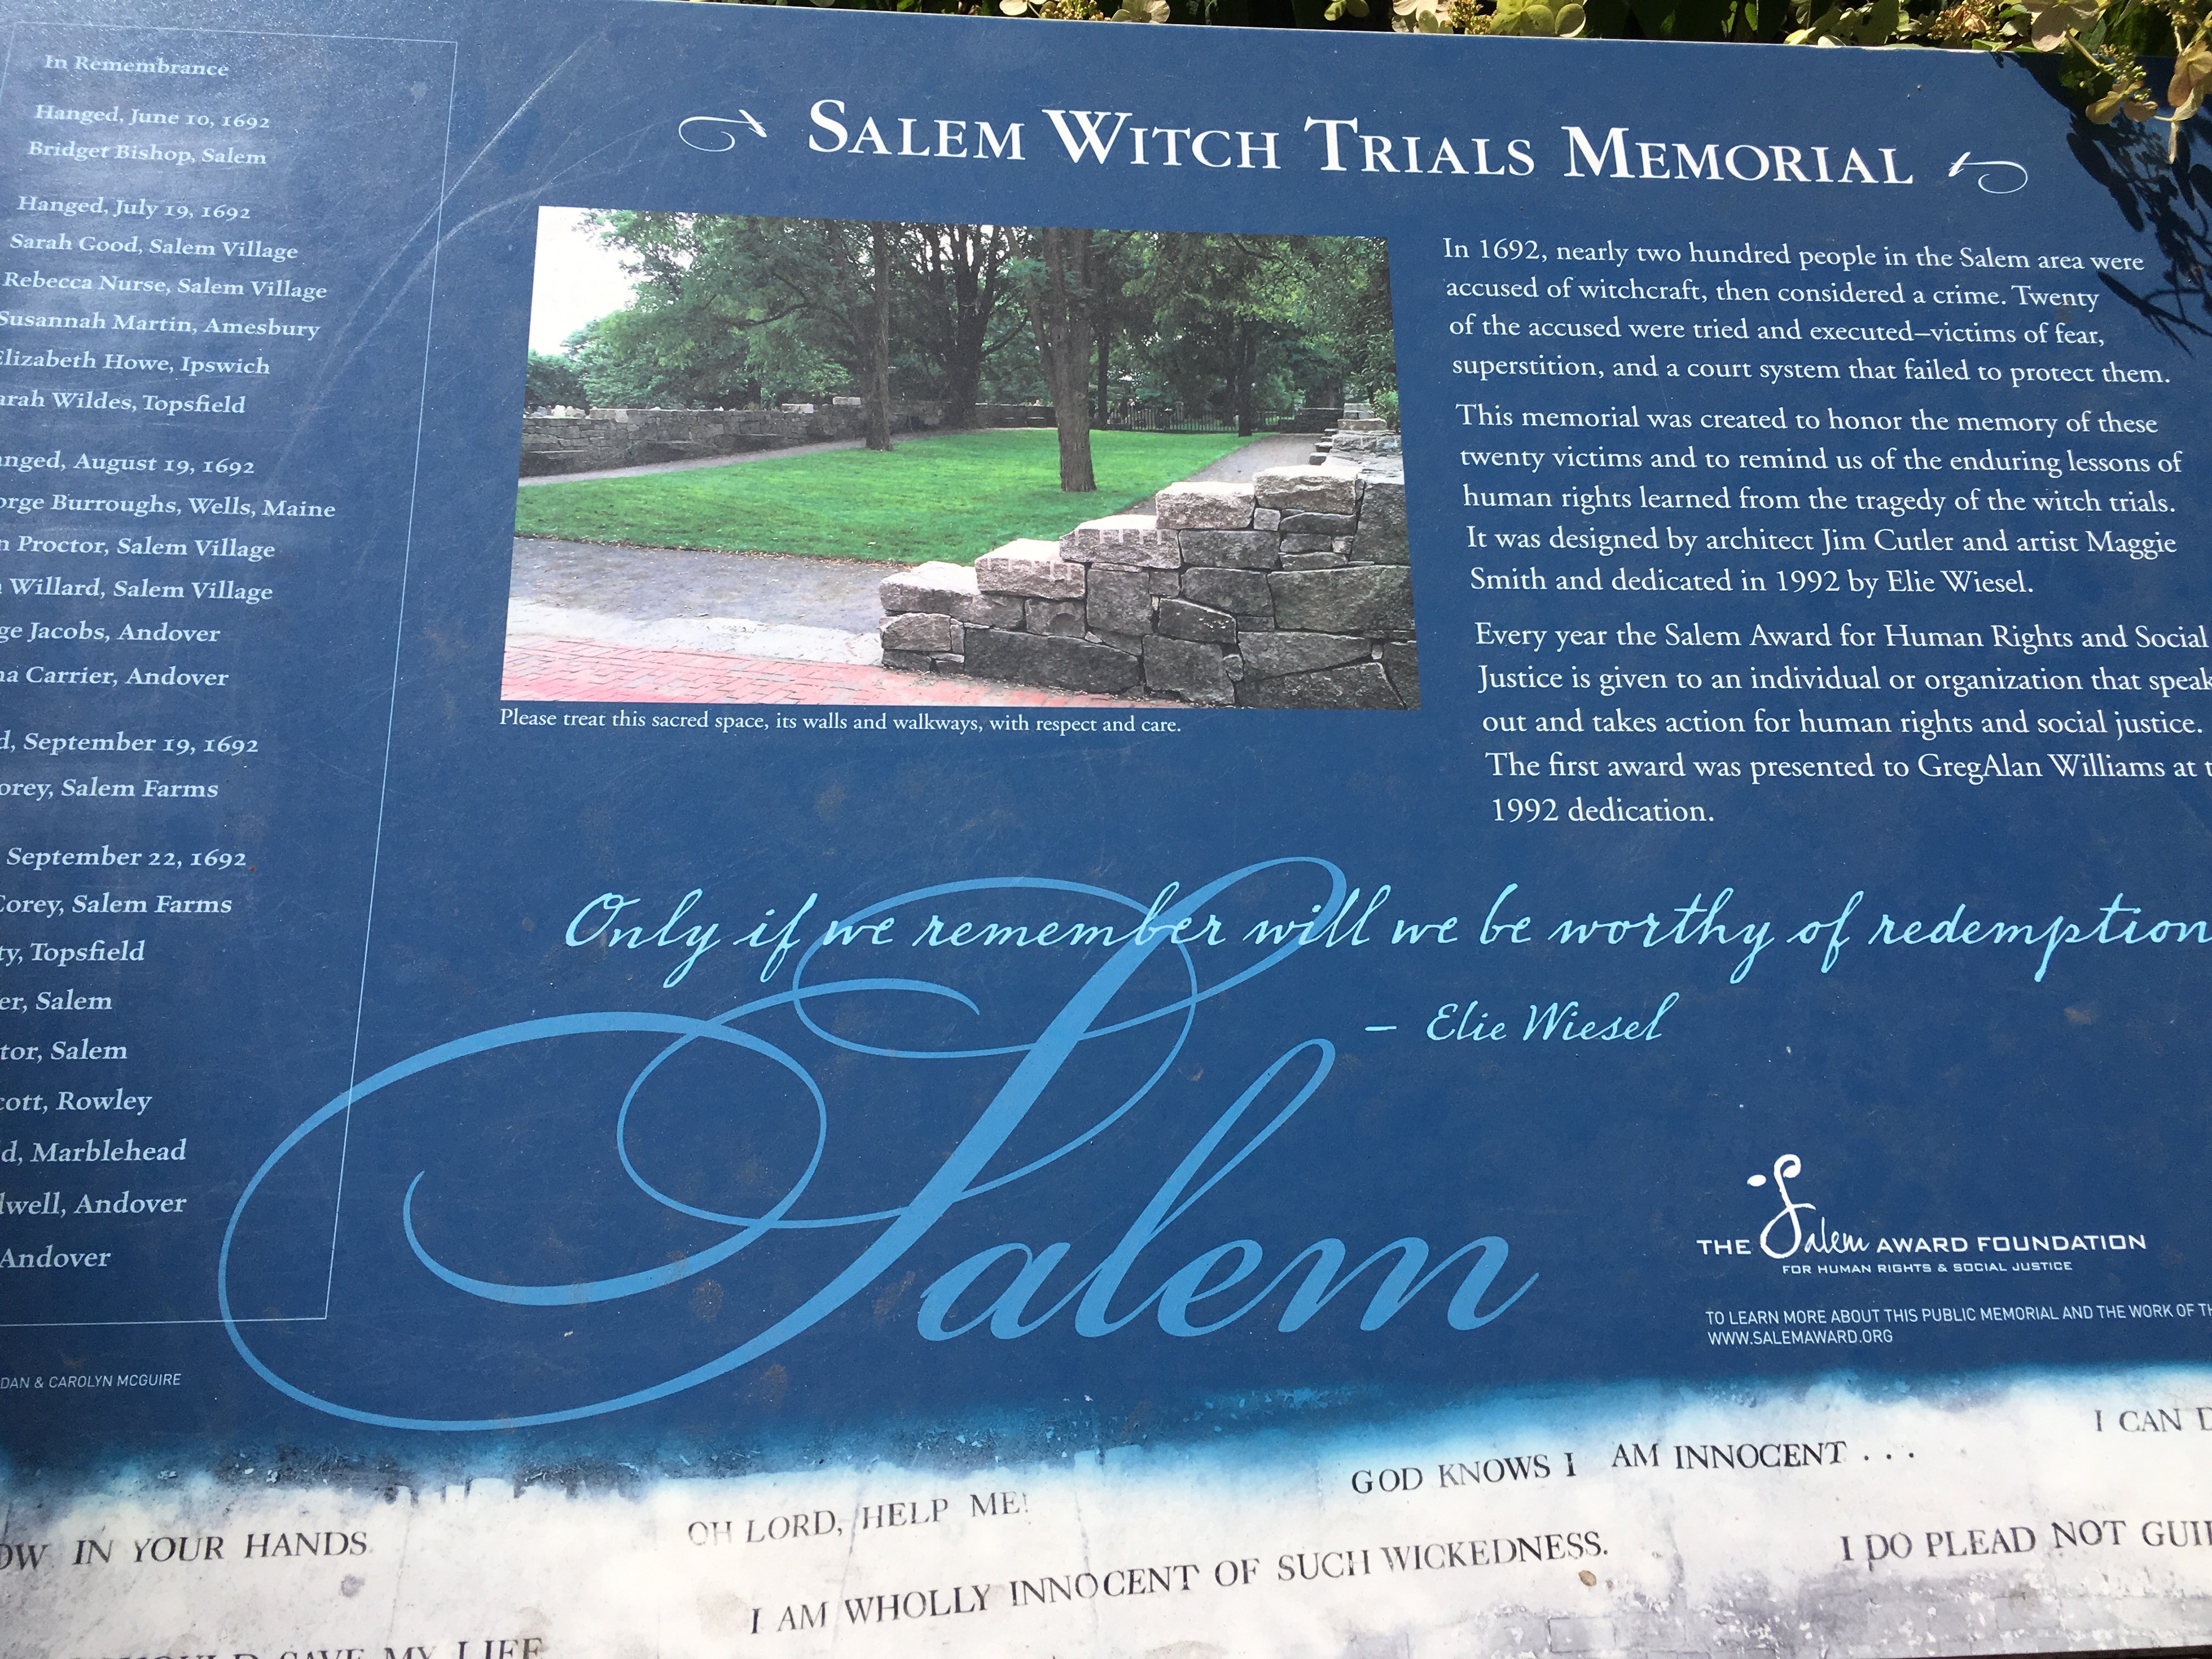 an analysis of salem witch trials in salem village